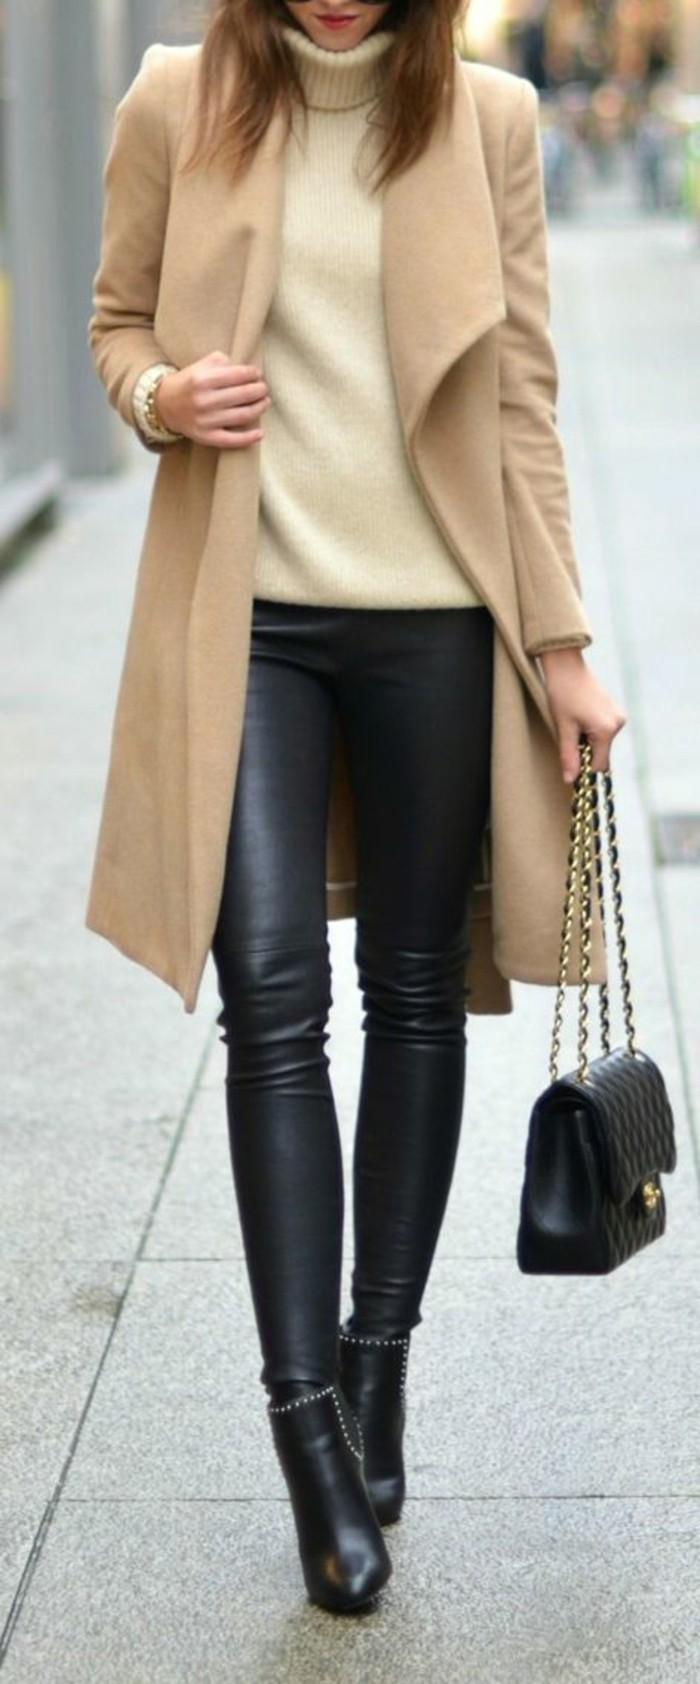 ensemble-tenue-femme-tenue-stylé-femme-idée-beige-manteau